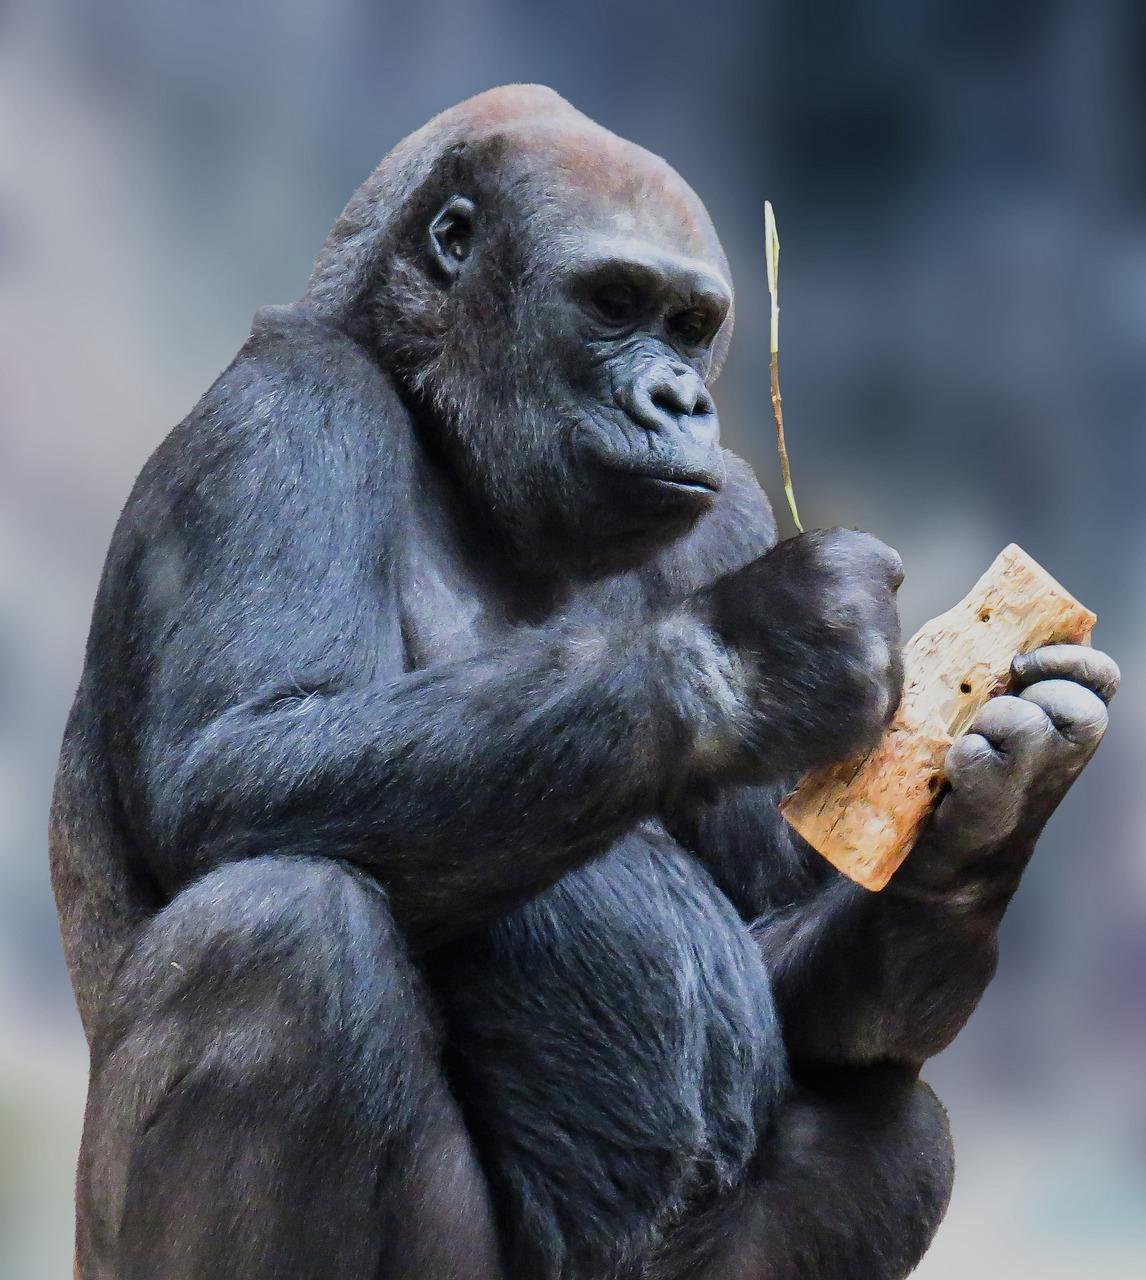 картинки обезьяны горилы цинерарию серебристую